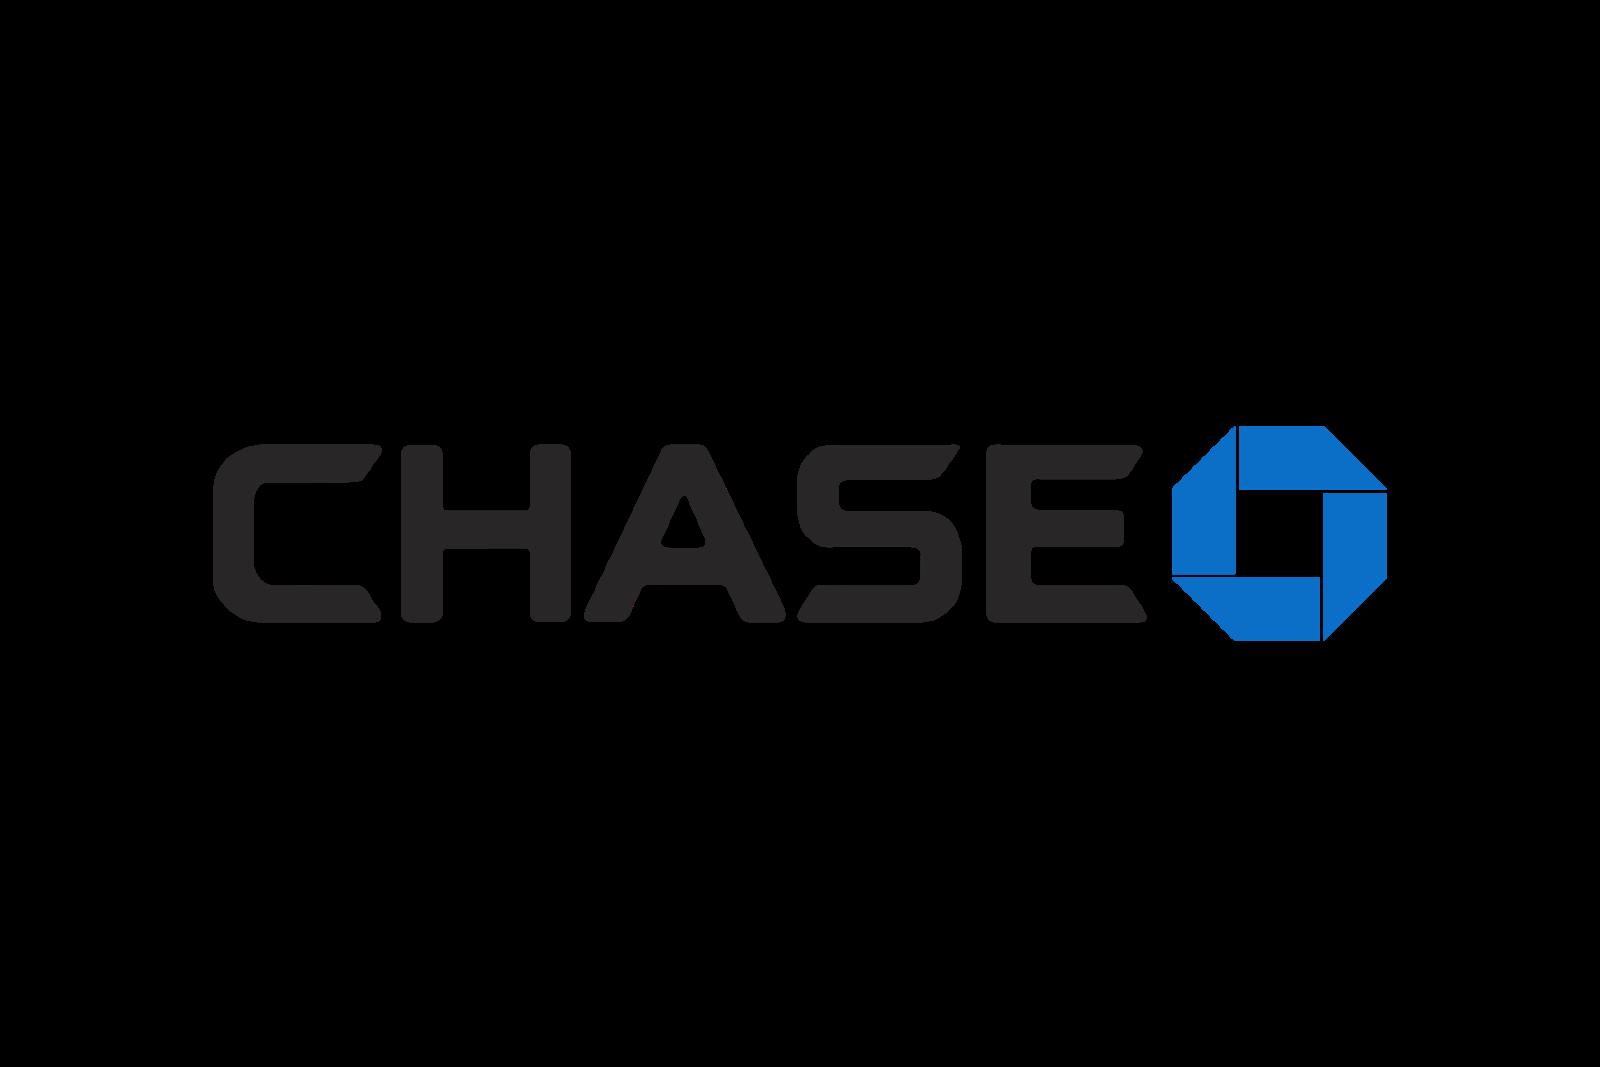 Logo Chase_Bank